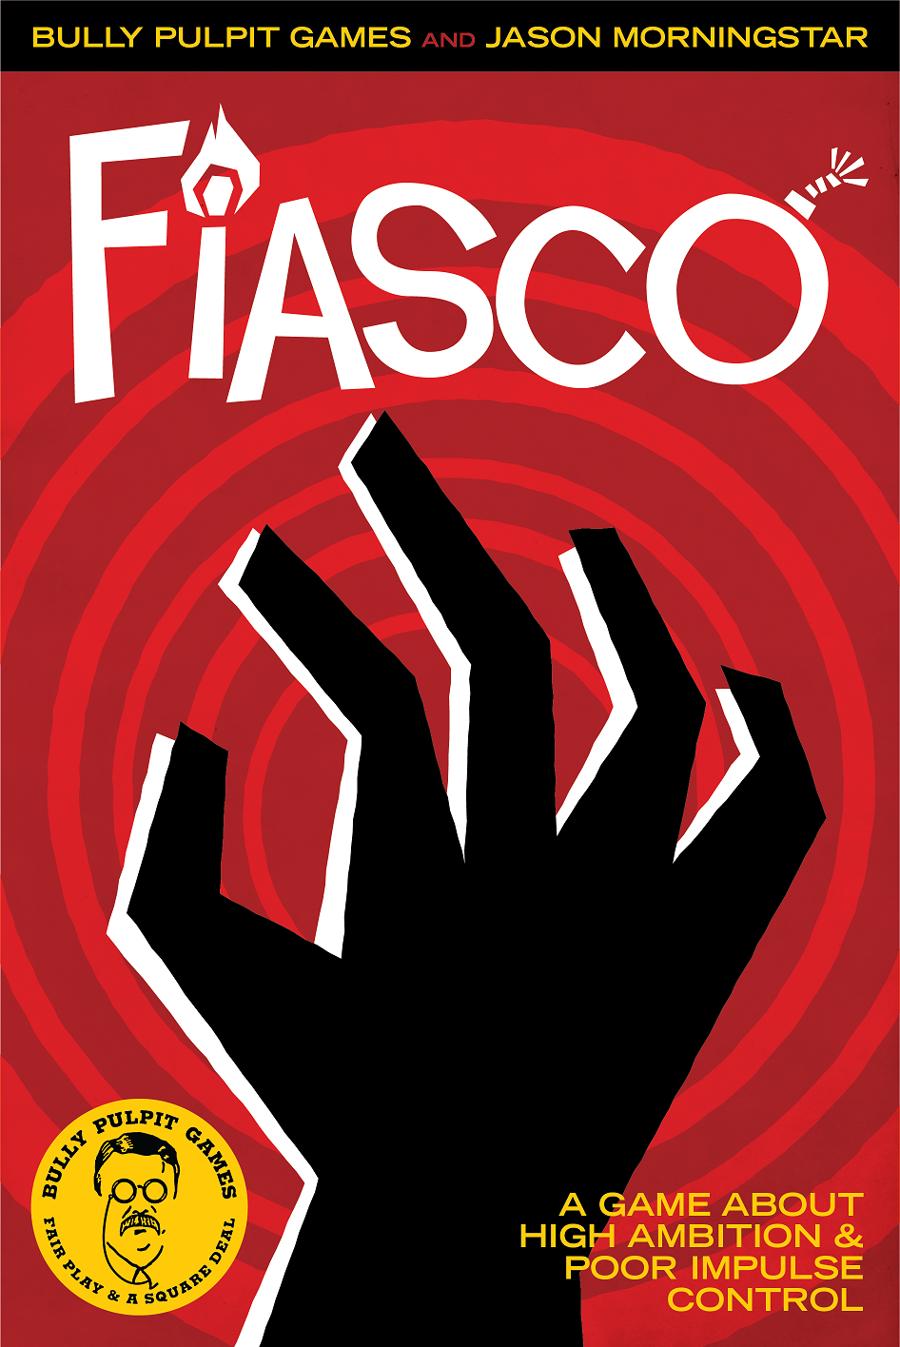 Fiasco 2E